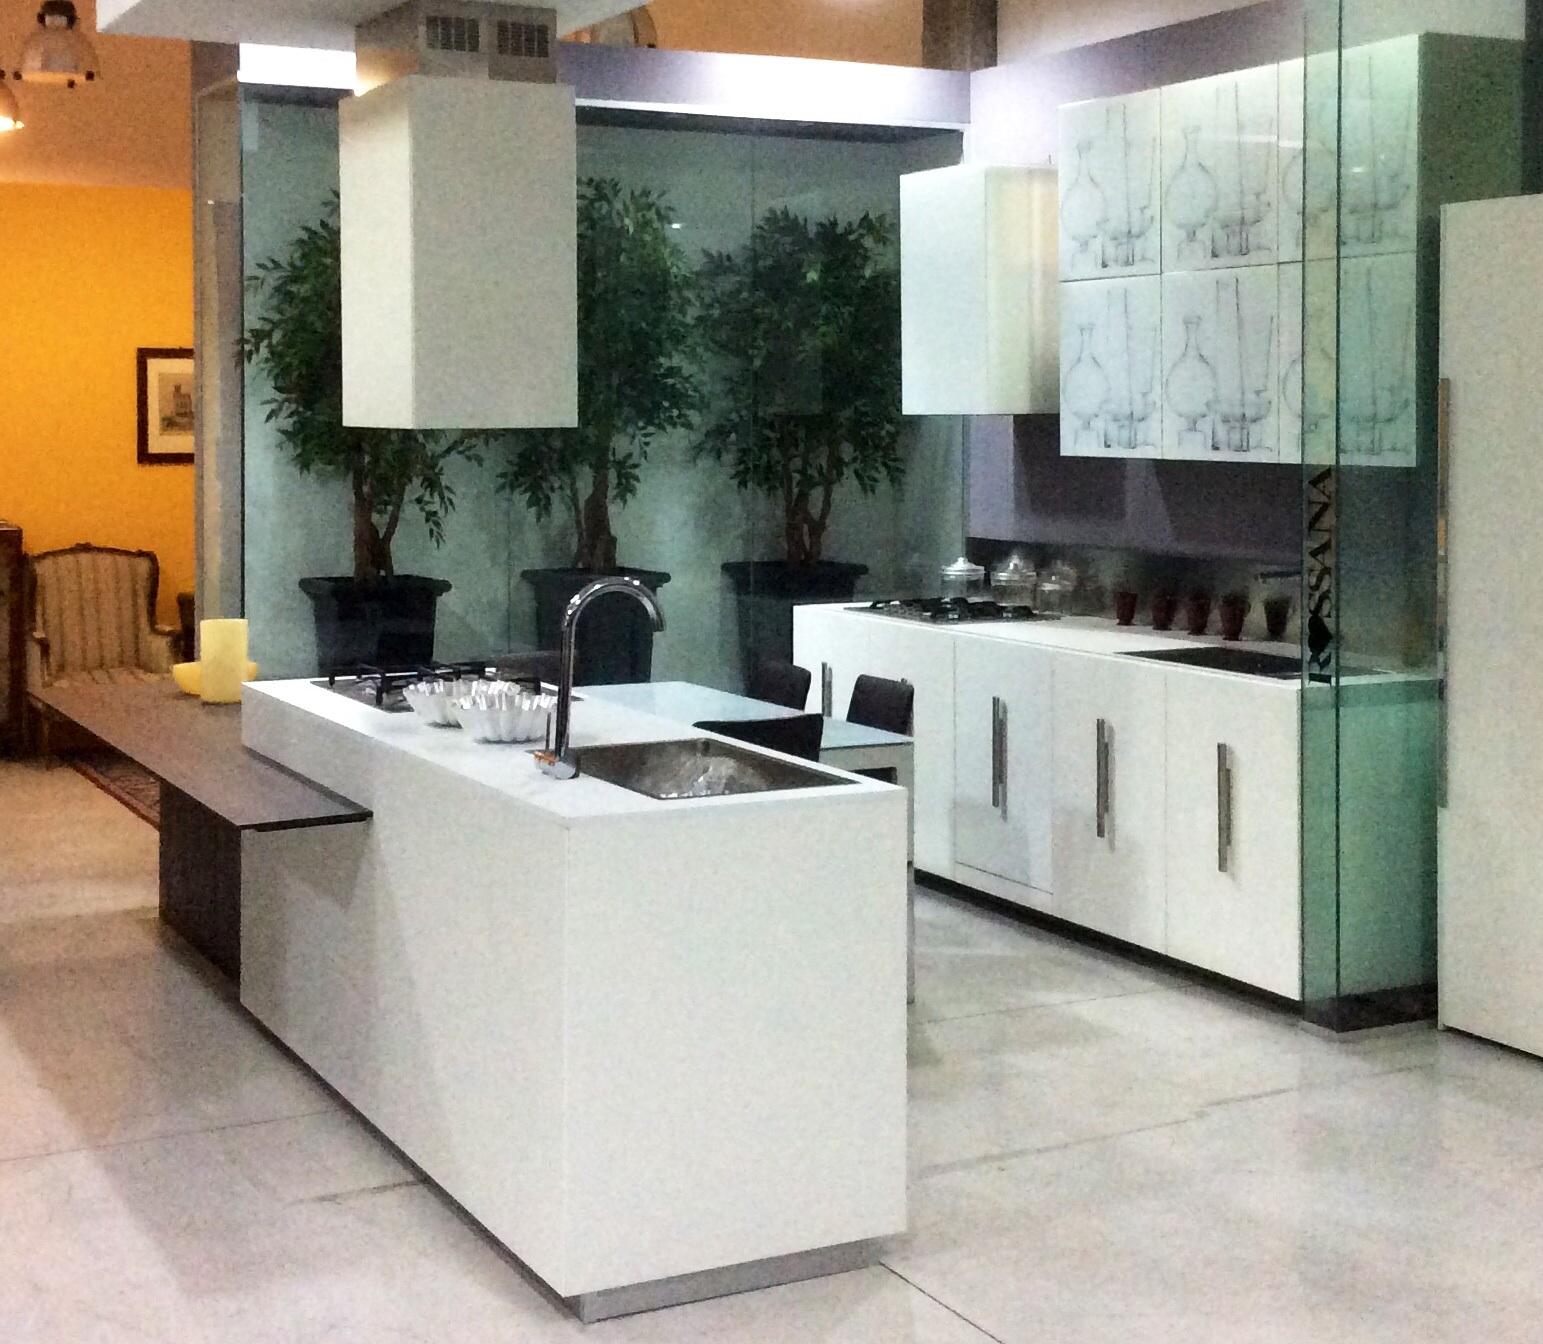 Cucina Composit Mood Design Laminato Materico Bianca